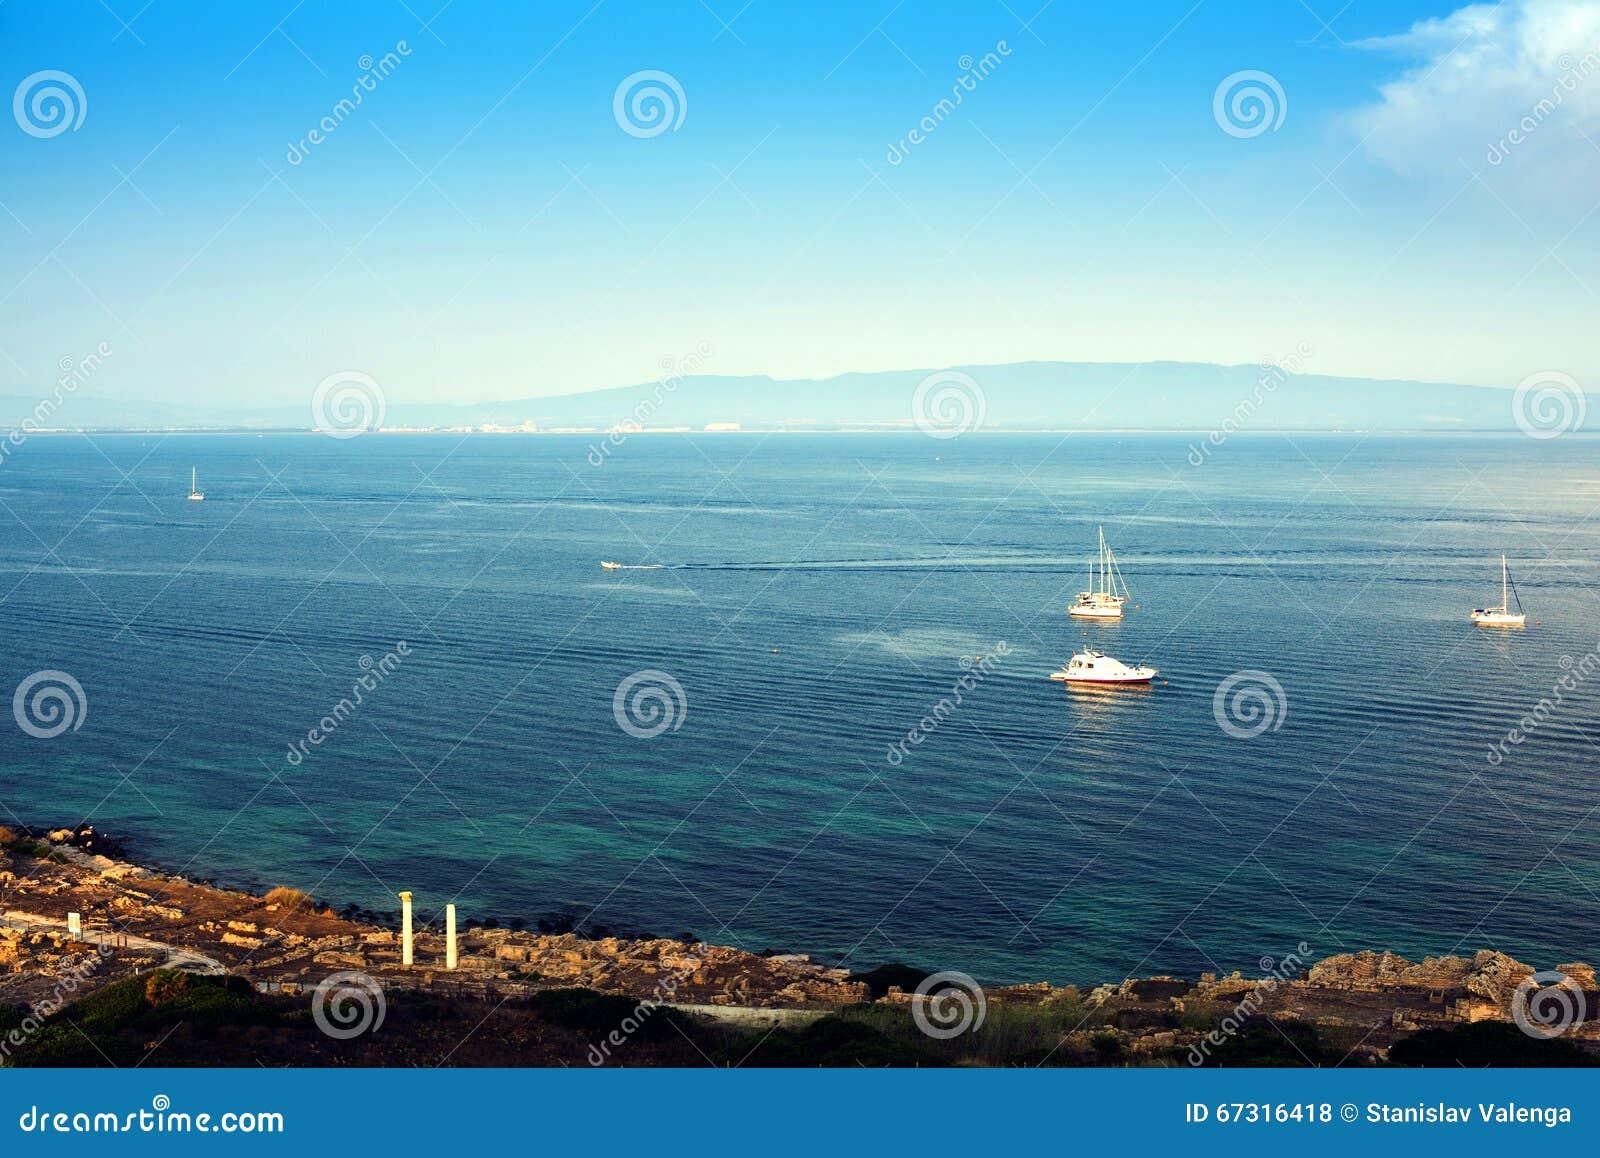 Navigation Embarquez les yachts avec les voiles blanches en mer ouverte Bateaux de luxe